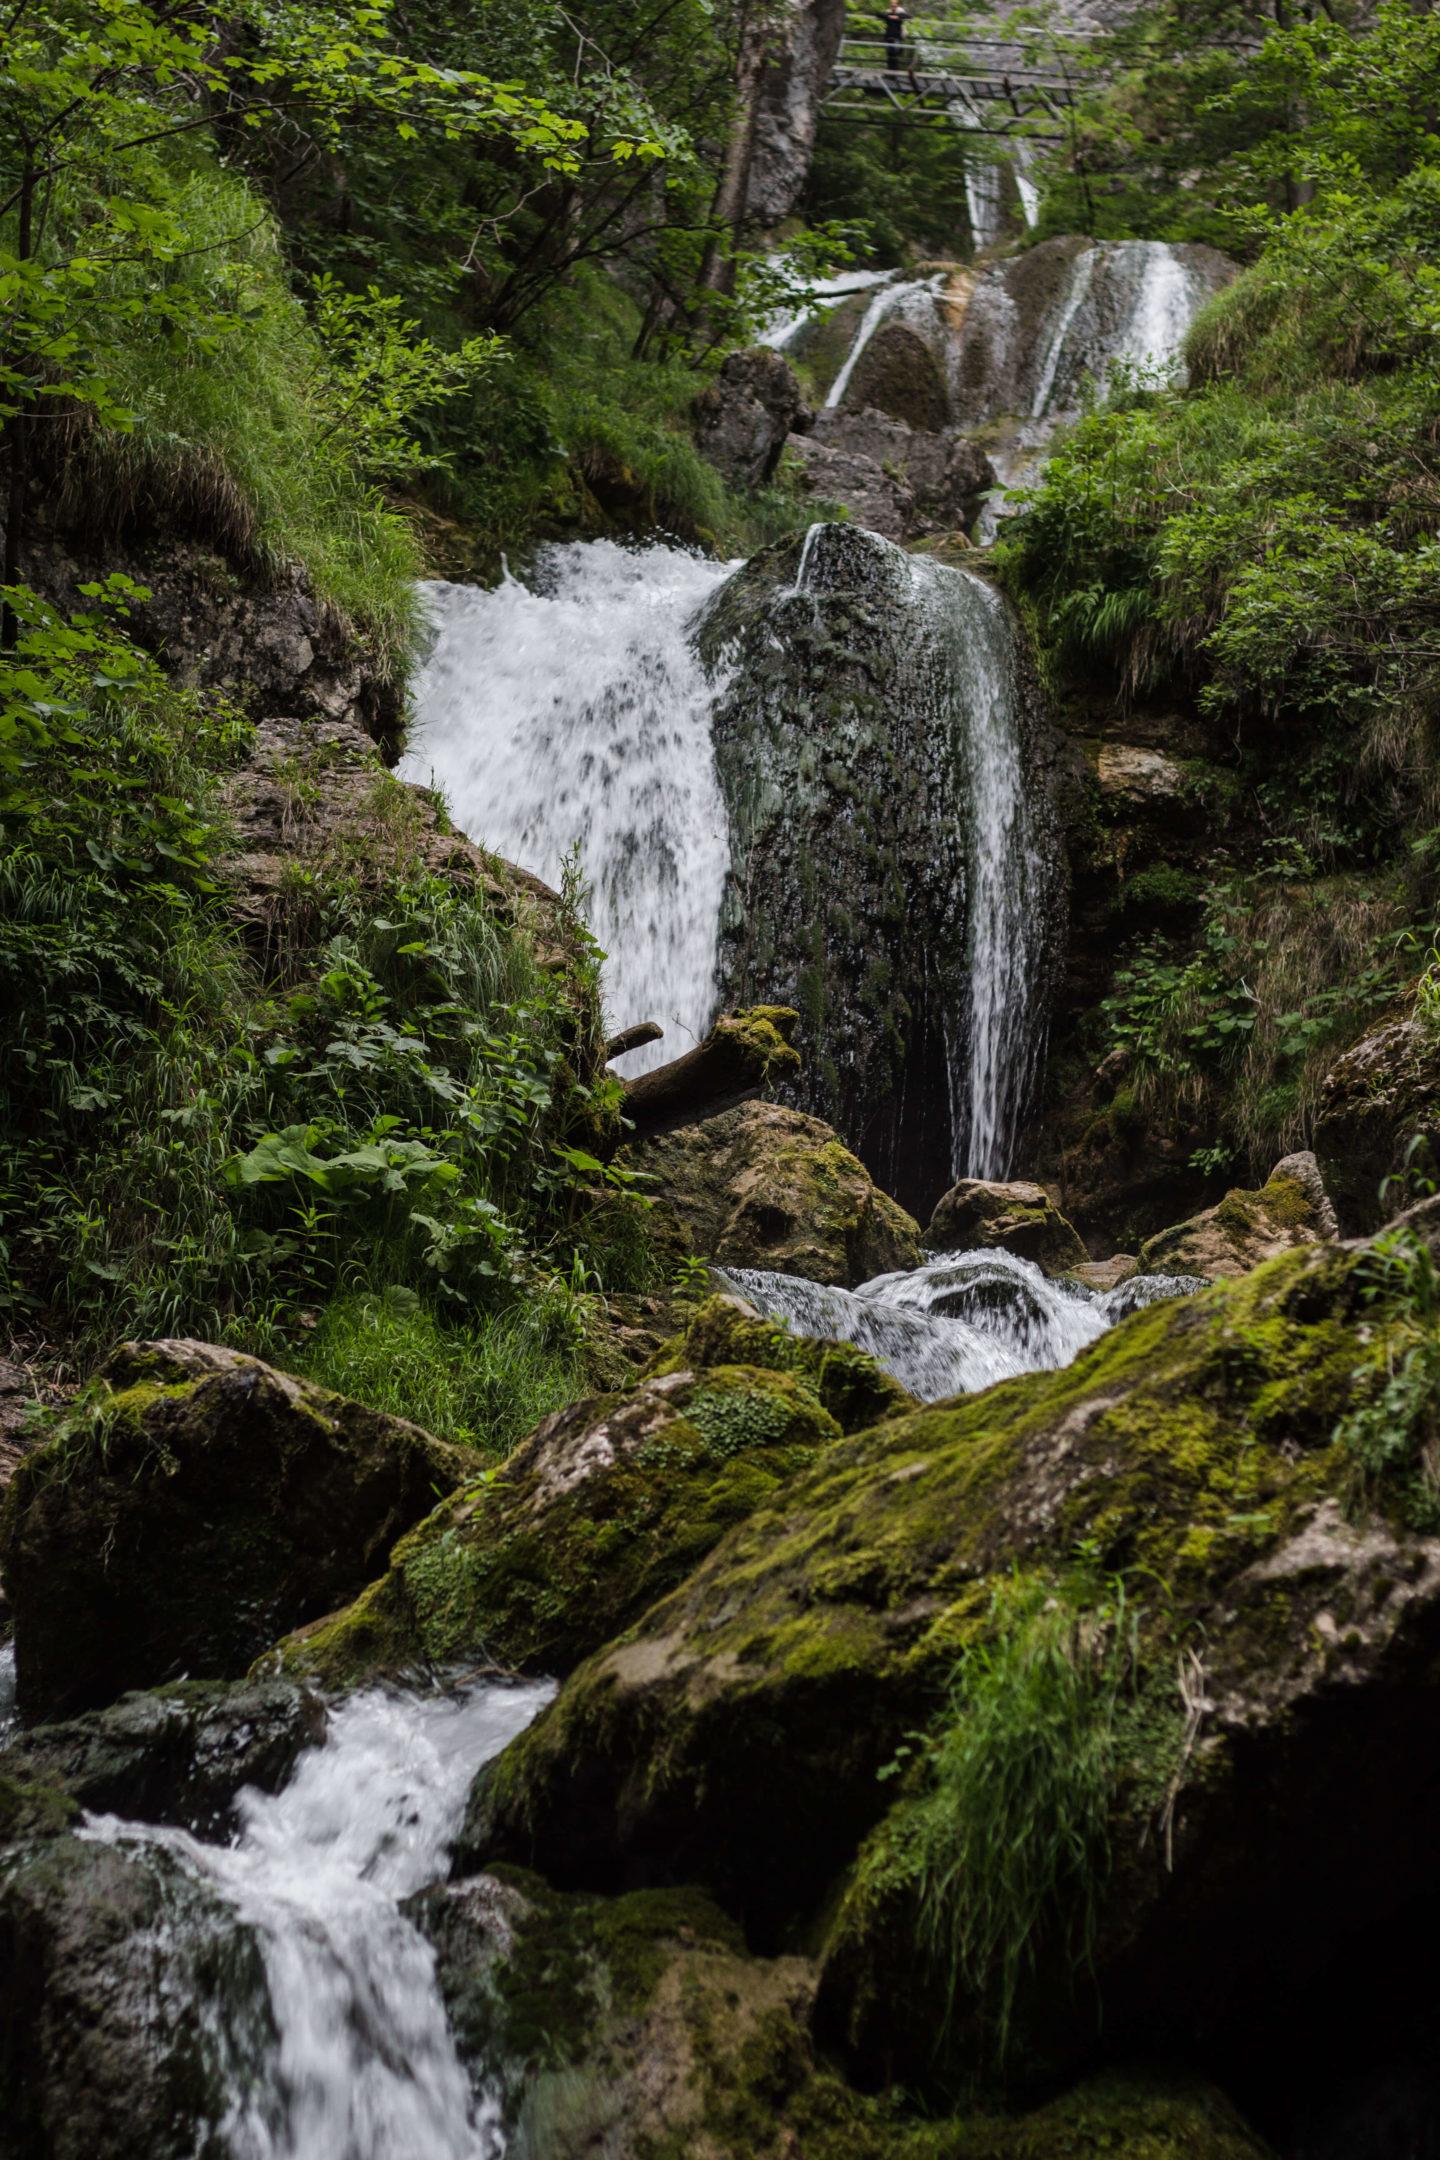 Eine gemütliche Wanderung zum beeindruckenden Trefflingfall!